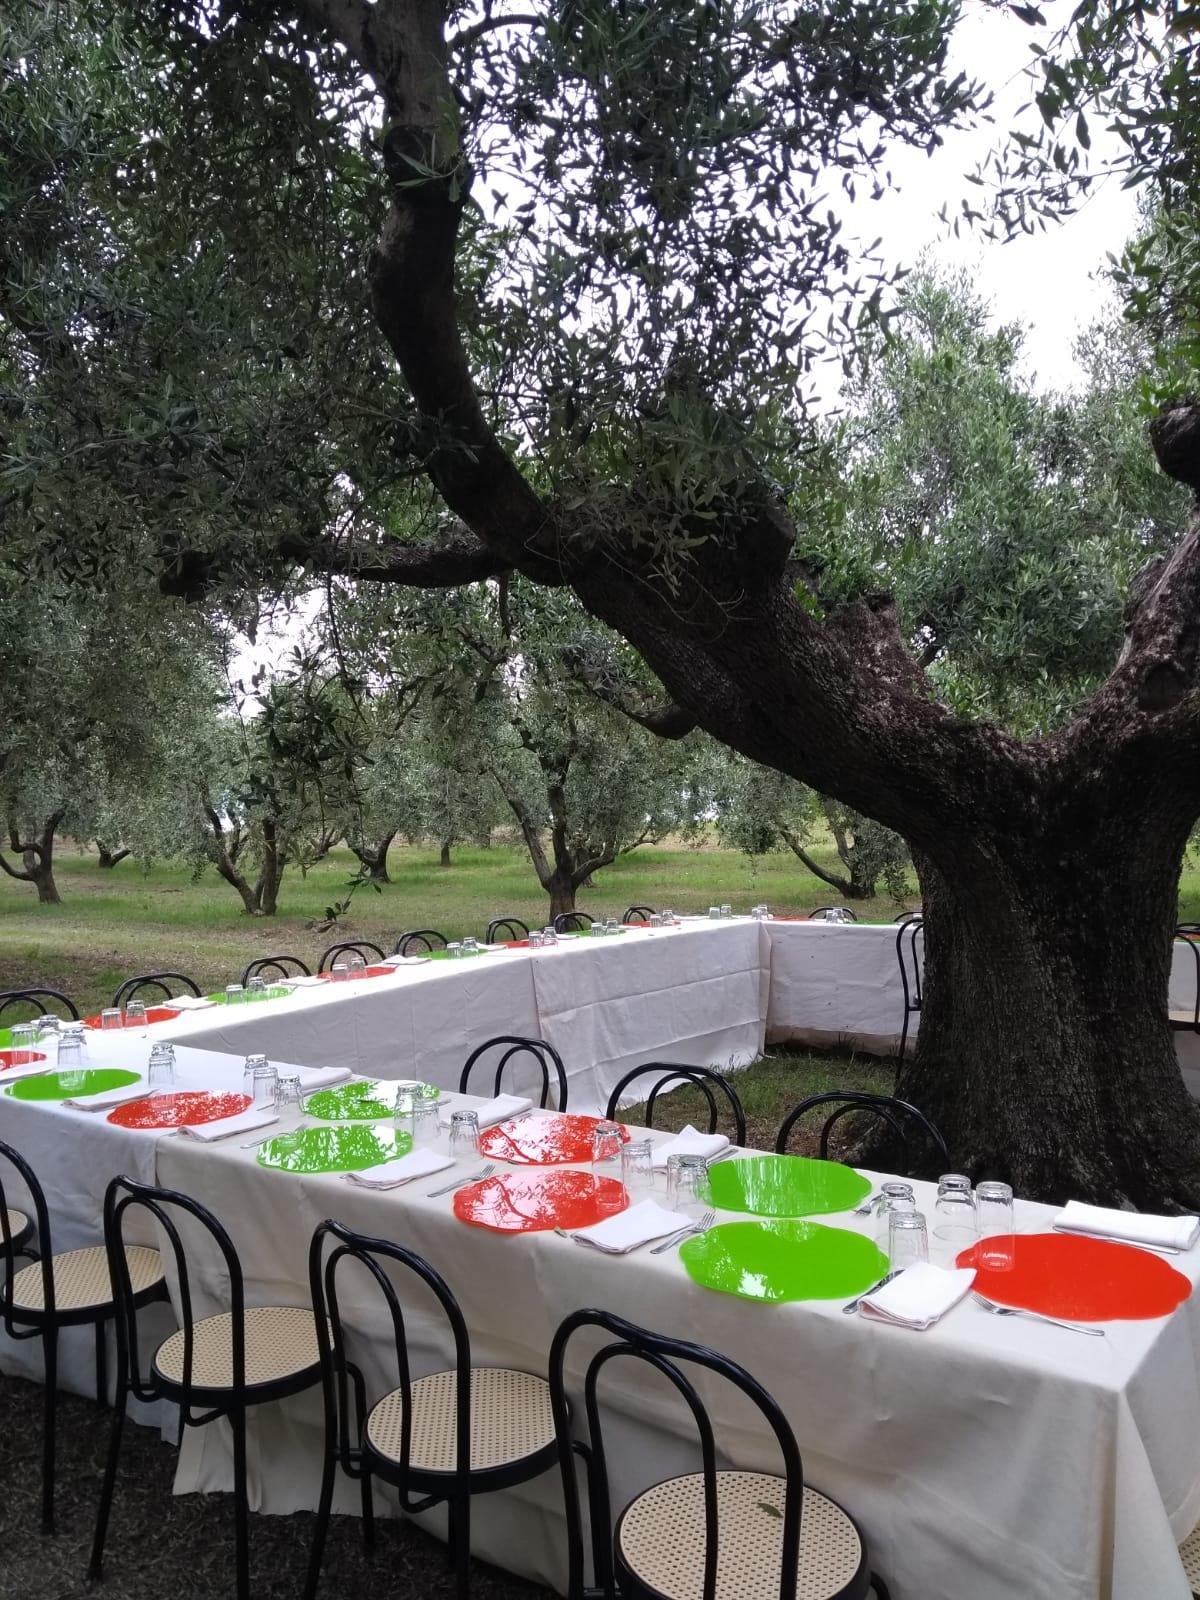 A Recanati, dalle sorelle Gabrielloni, la cucina di campagna dell'Infinito